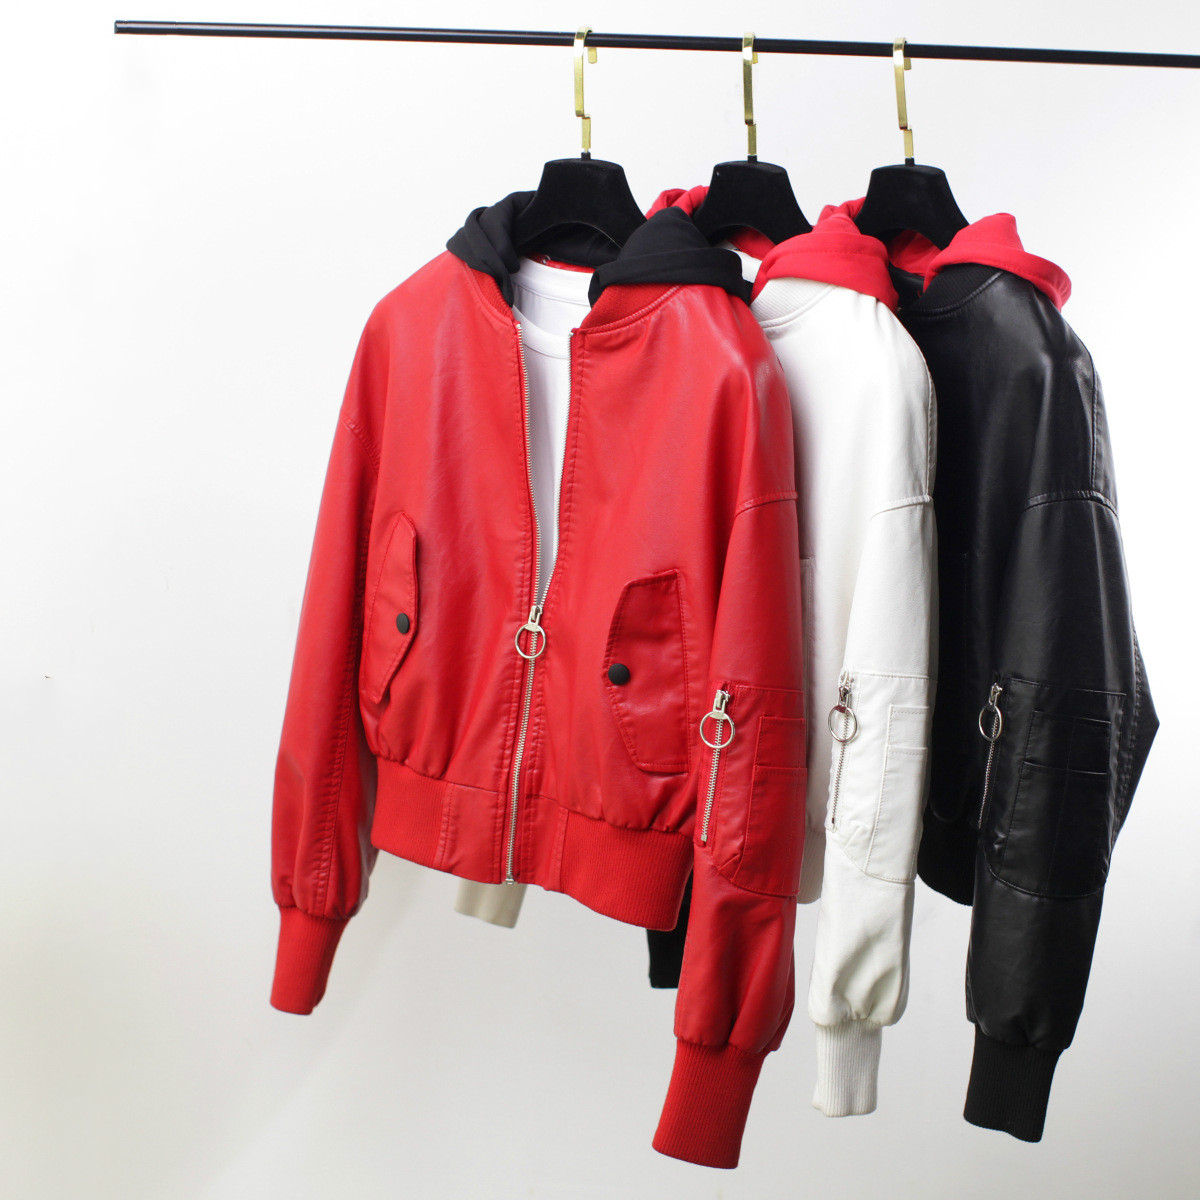 Women Autumn Hooded PU Faux   Leather   Jacket Female Baseball Uniform Long Sleeve Loose Short Jacket Girls Motorcycle Coat Fashion